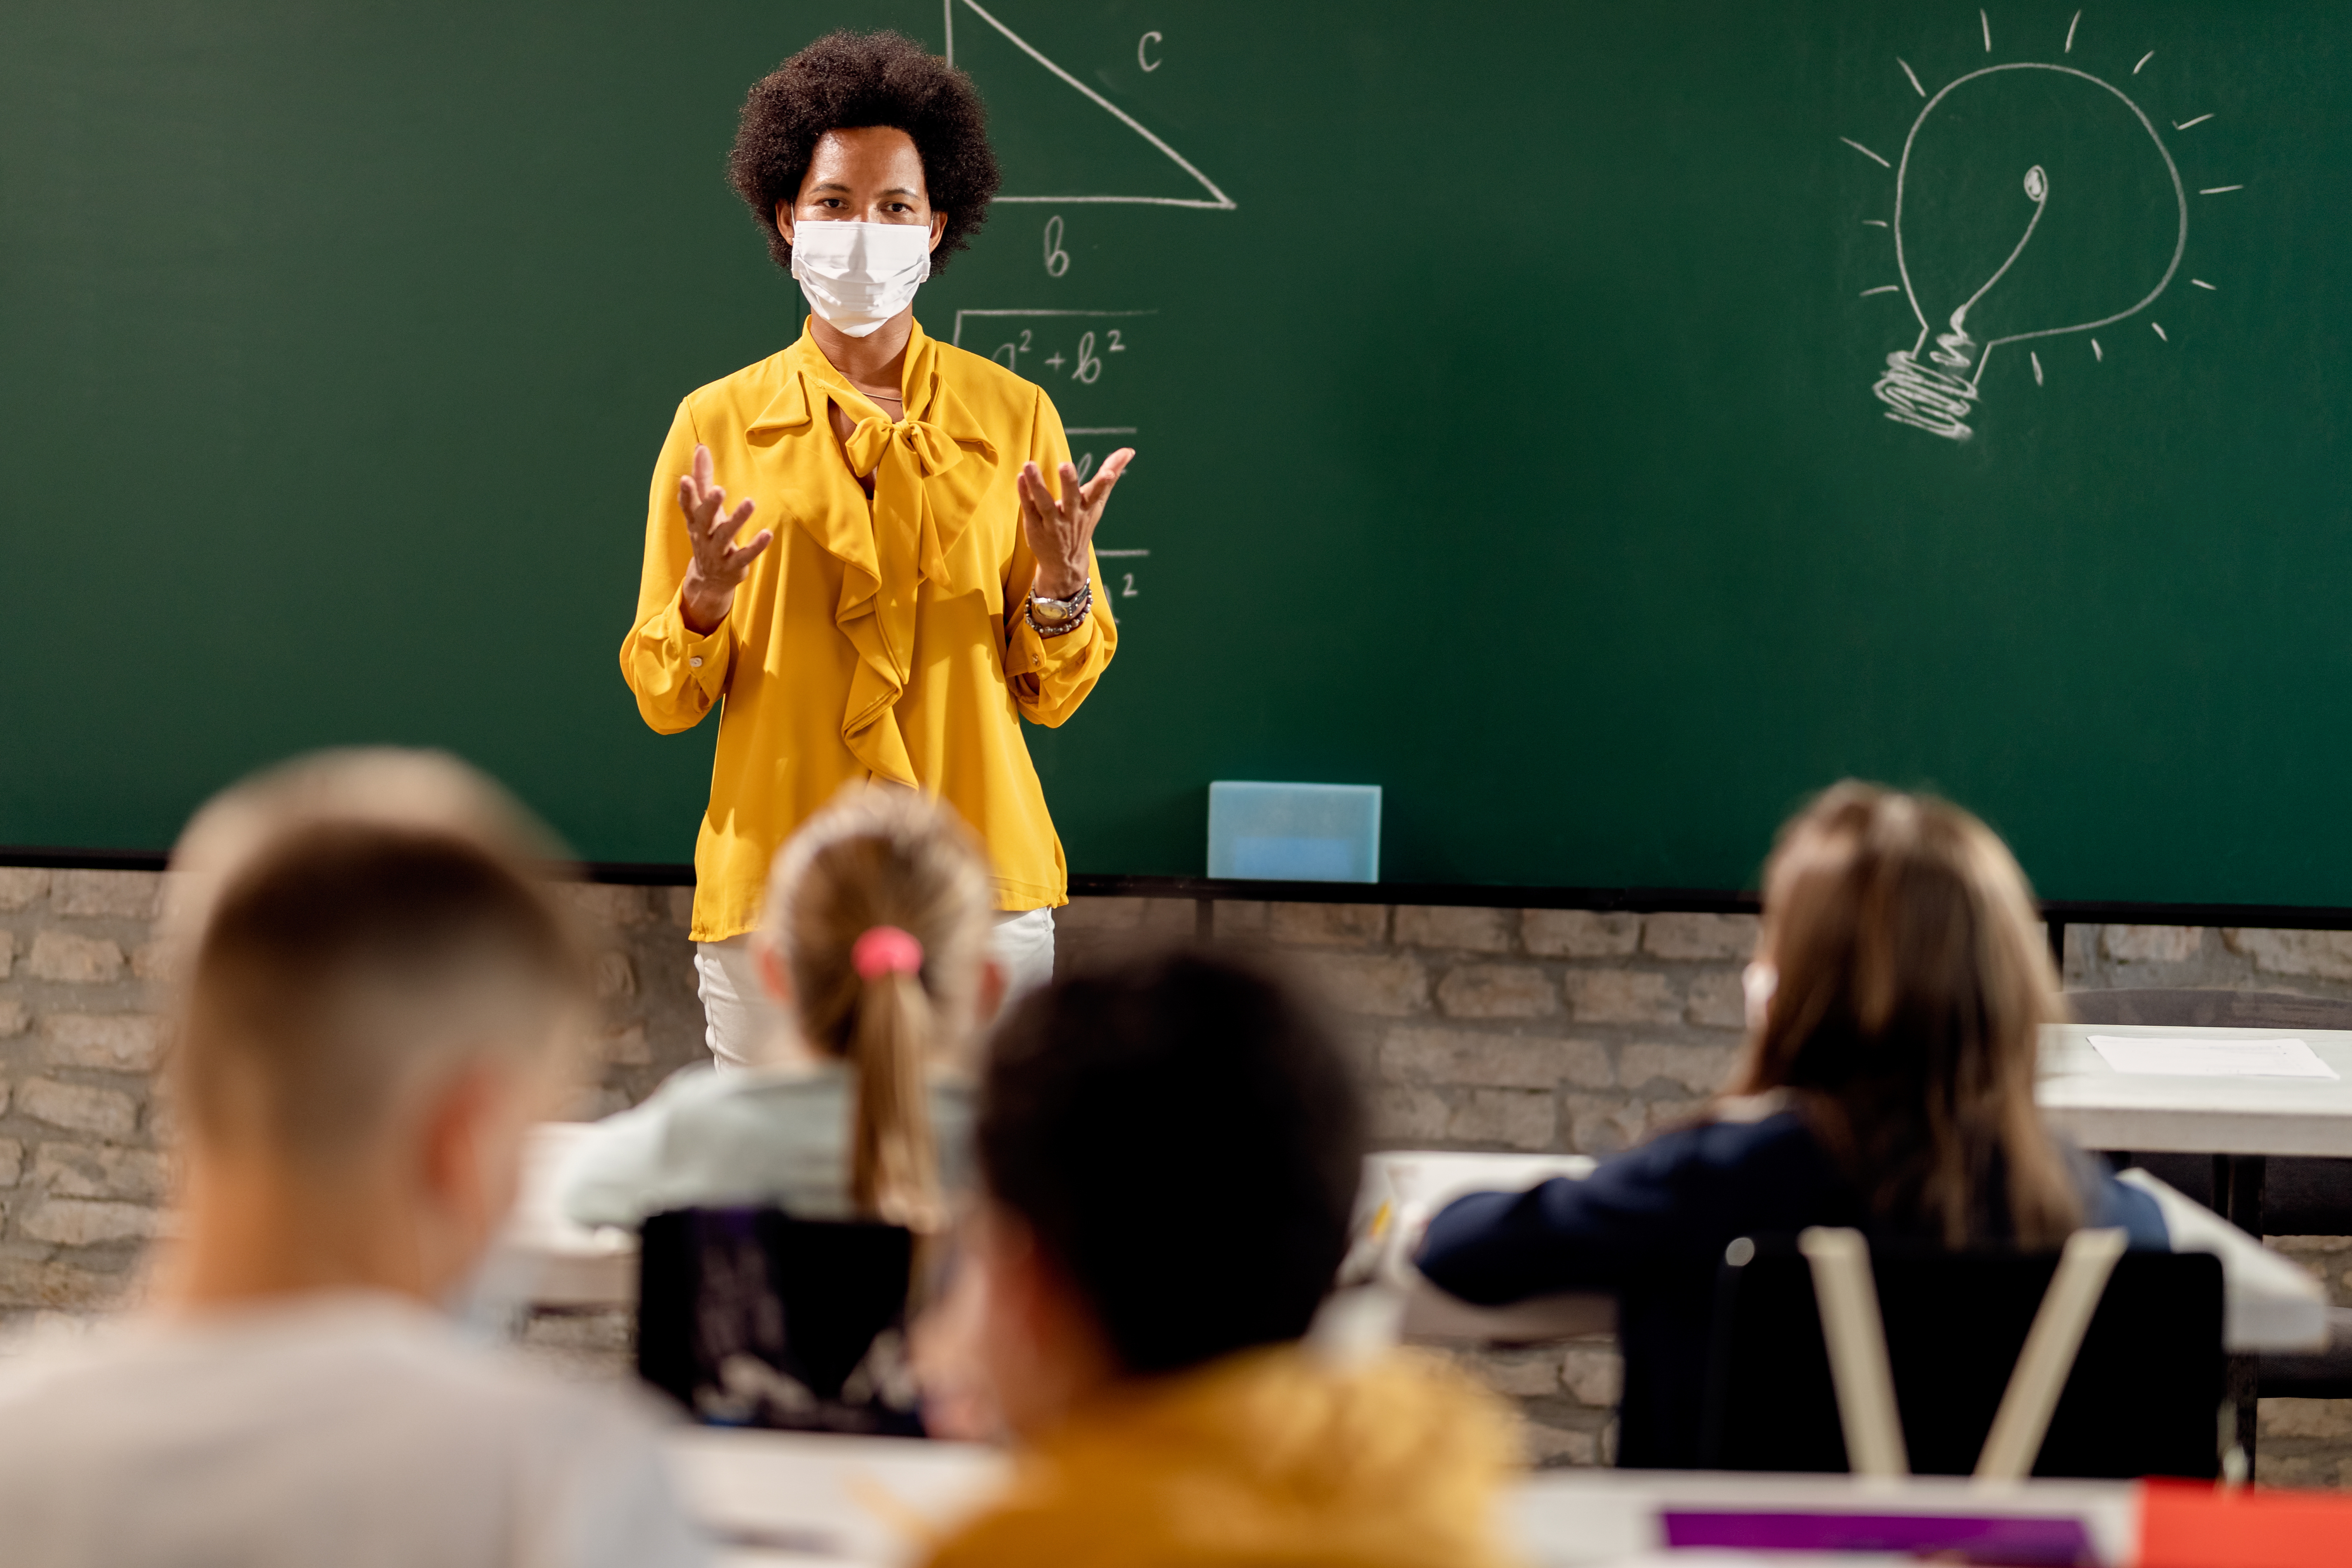 teacher wearing mask